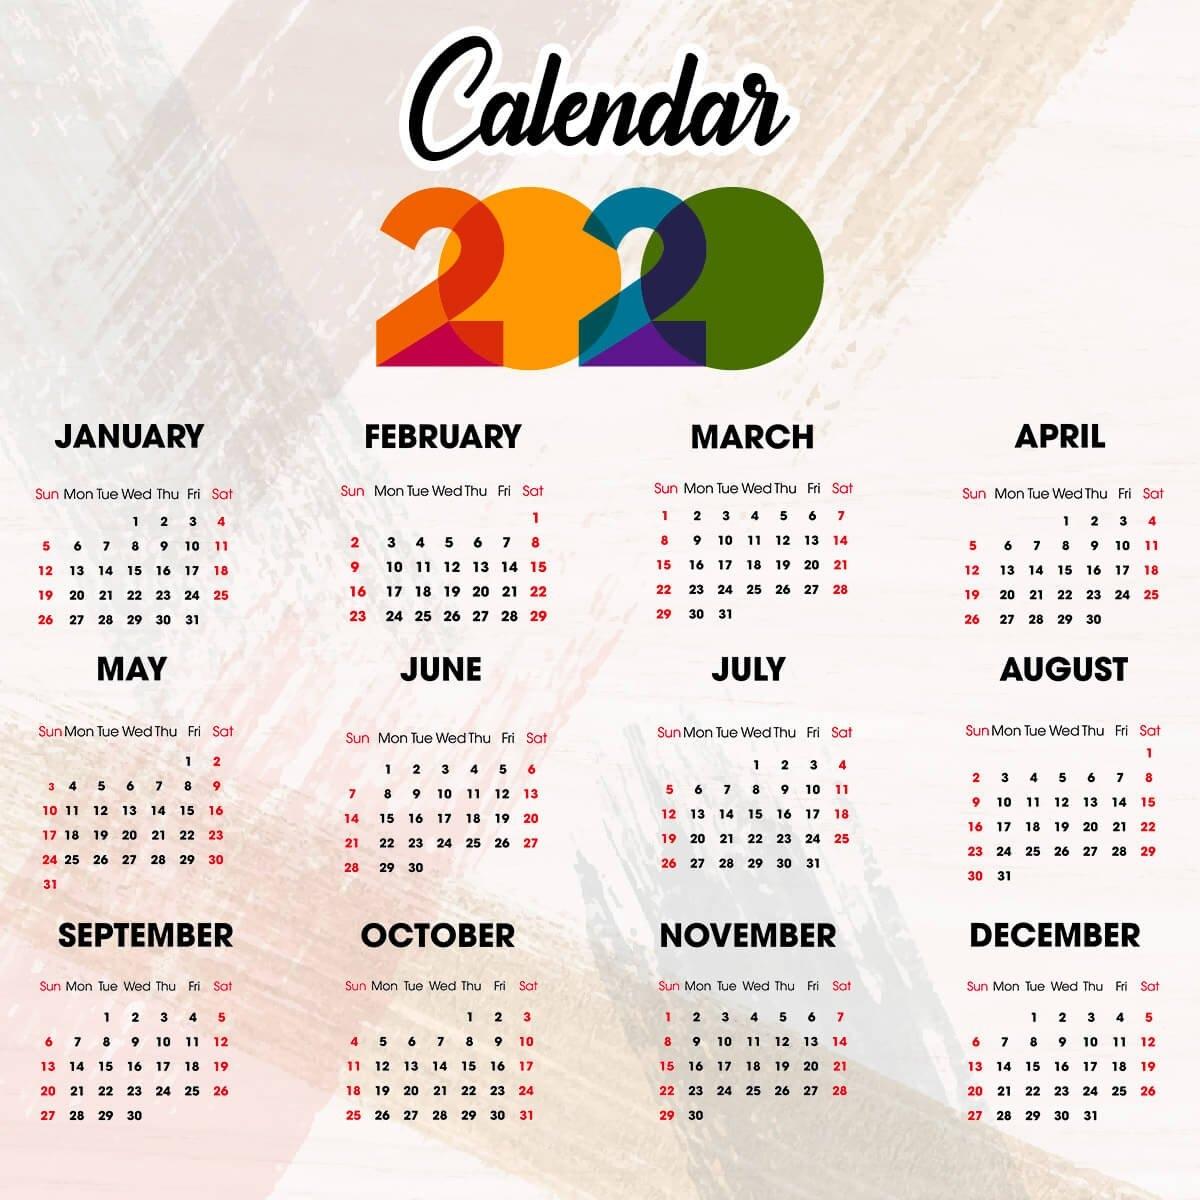 Calendar 2022 Zile Lucratoare - Nexta in Cate Zile Lucratoare Are Fiecare Luna In 2021 Photo